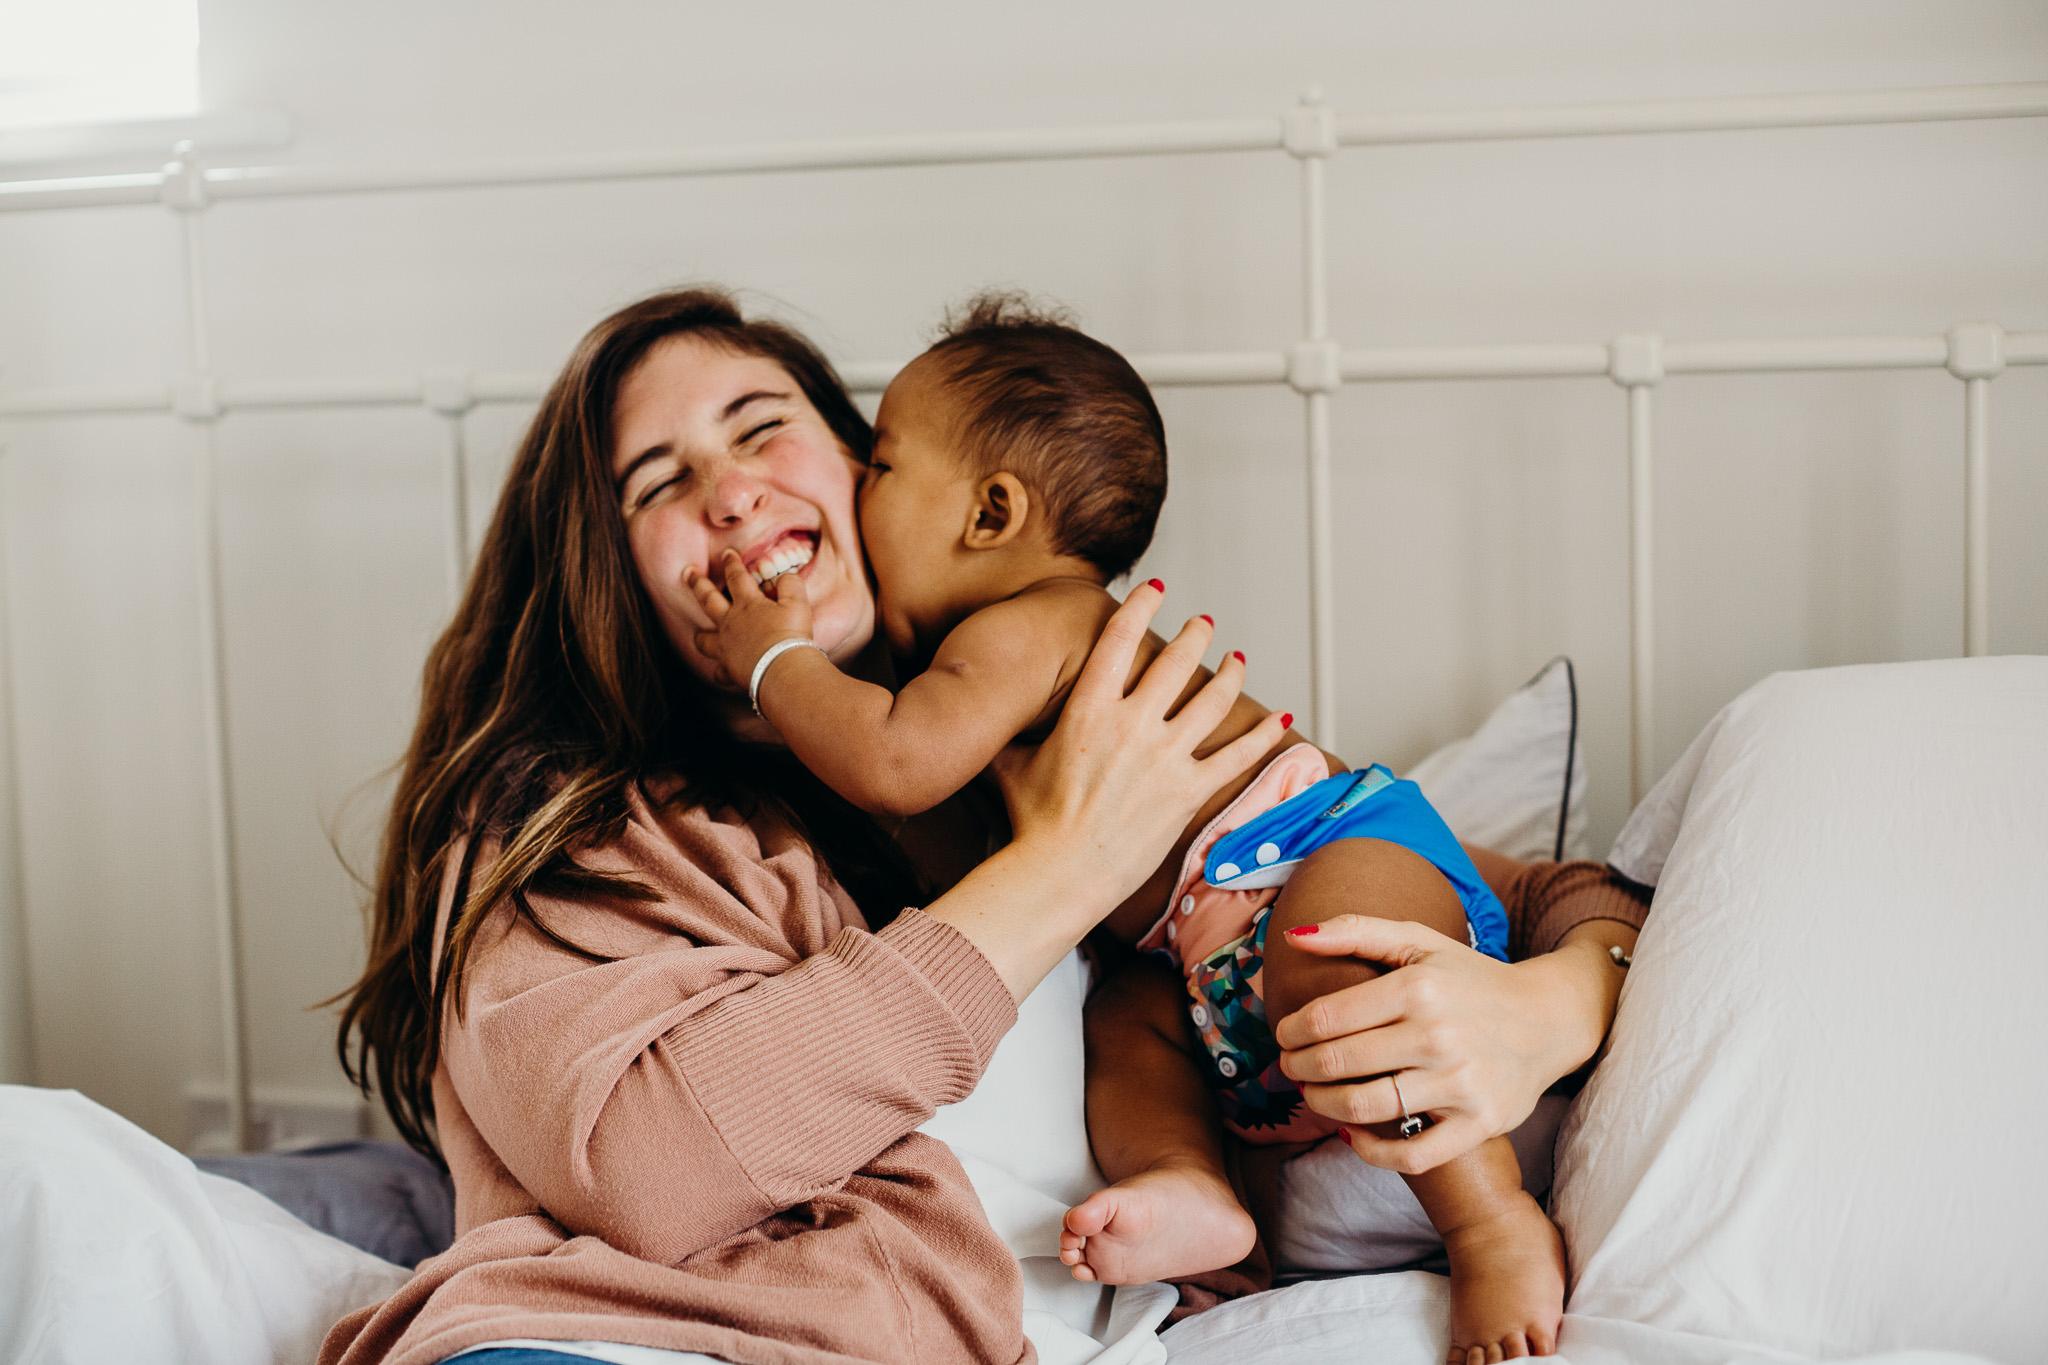 motherhood-baby-inhome-photoshoot-48.jpg